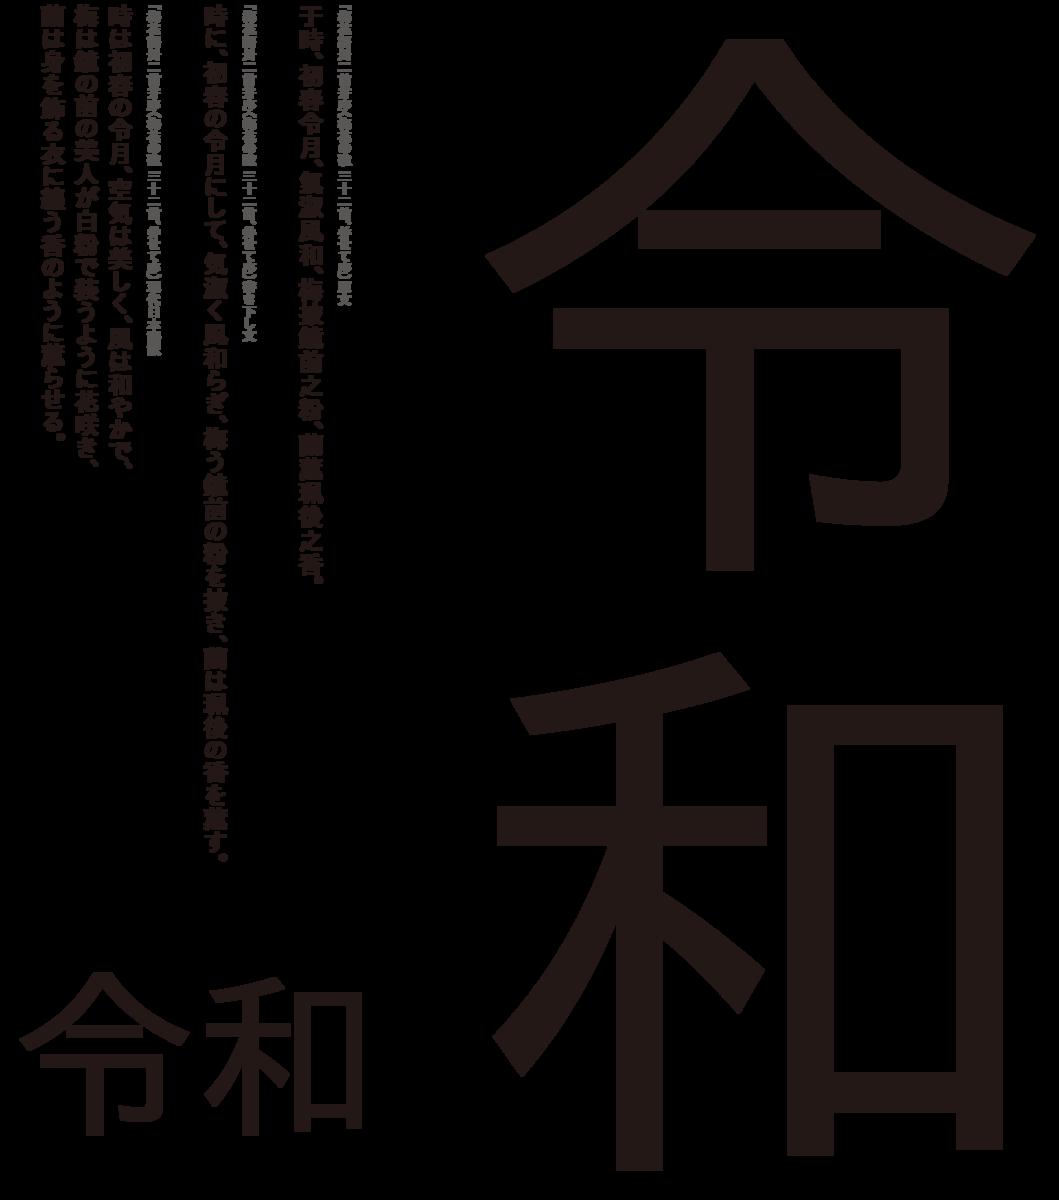 f:id:mojiru:20190516095527p:plain